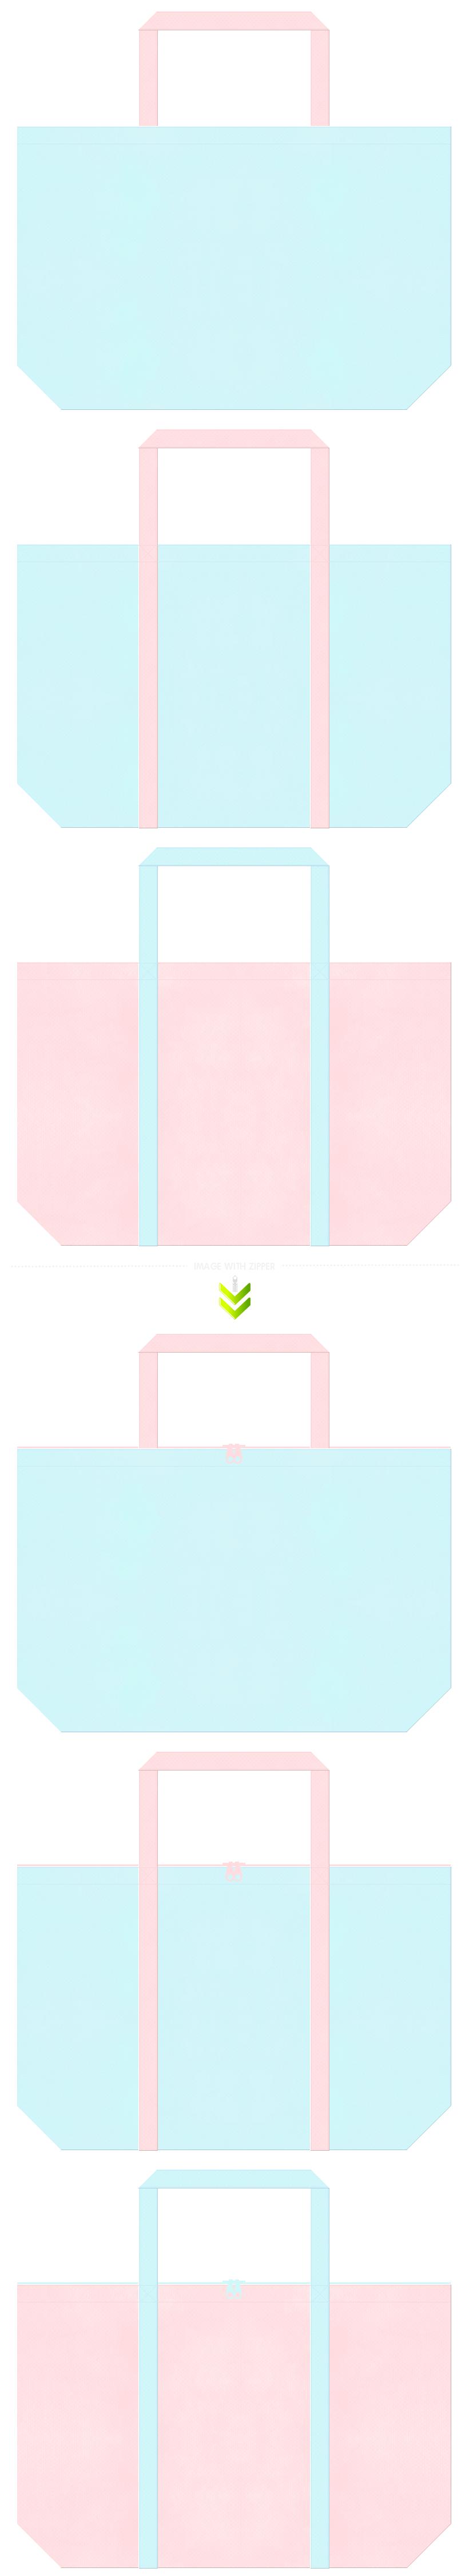 桜・お花見・ドリーム・ファンシー・プリティ・お姫様・人魚・マカロン・フェミニン・石鹸・入浴剤・バス用品・ガーリーデザイン・パステルカラーのショッピングバッグにお奨め:水色と桜色のコーデ